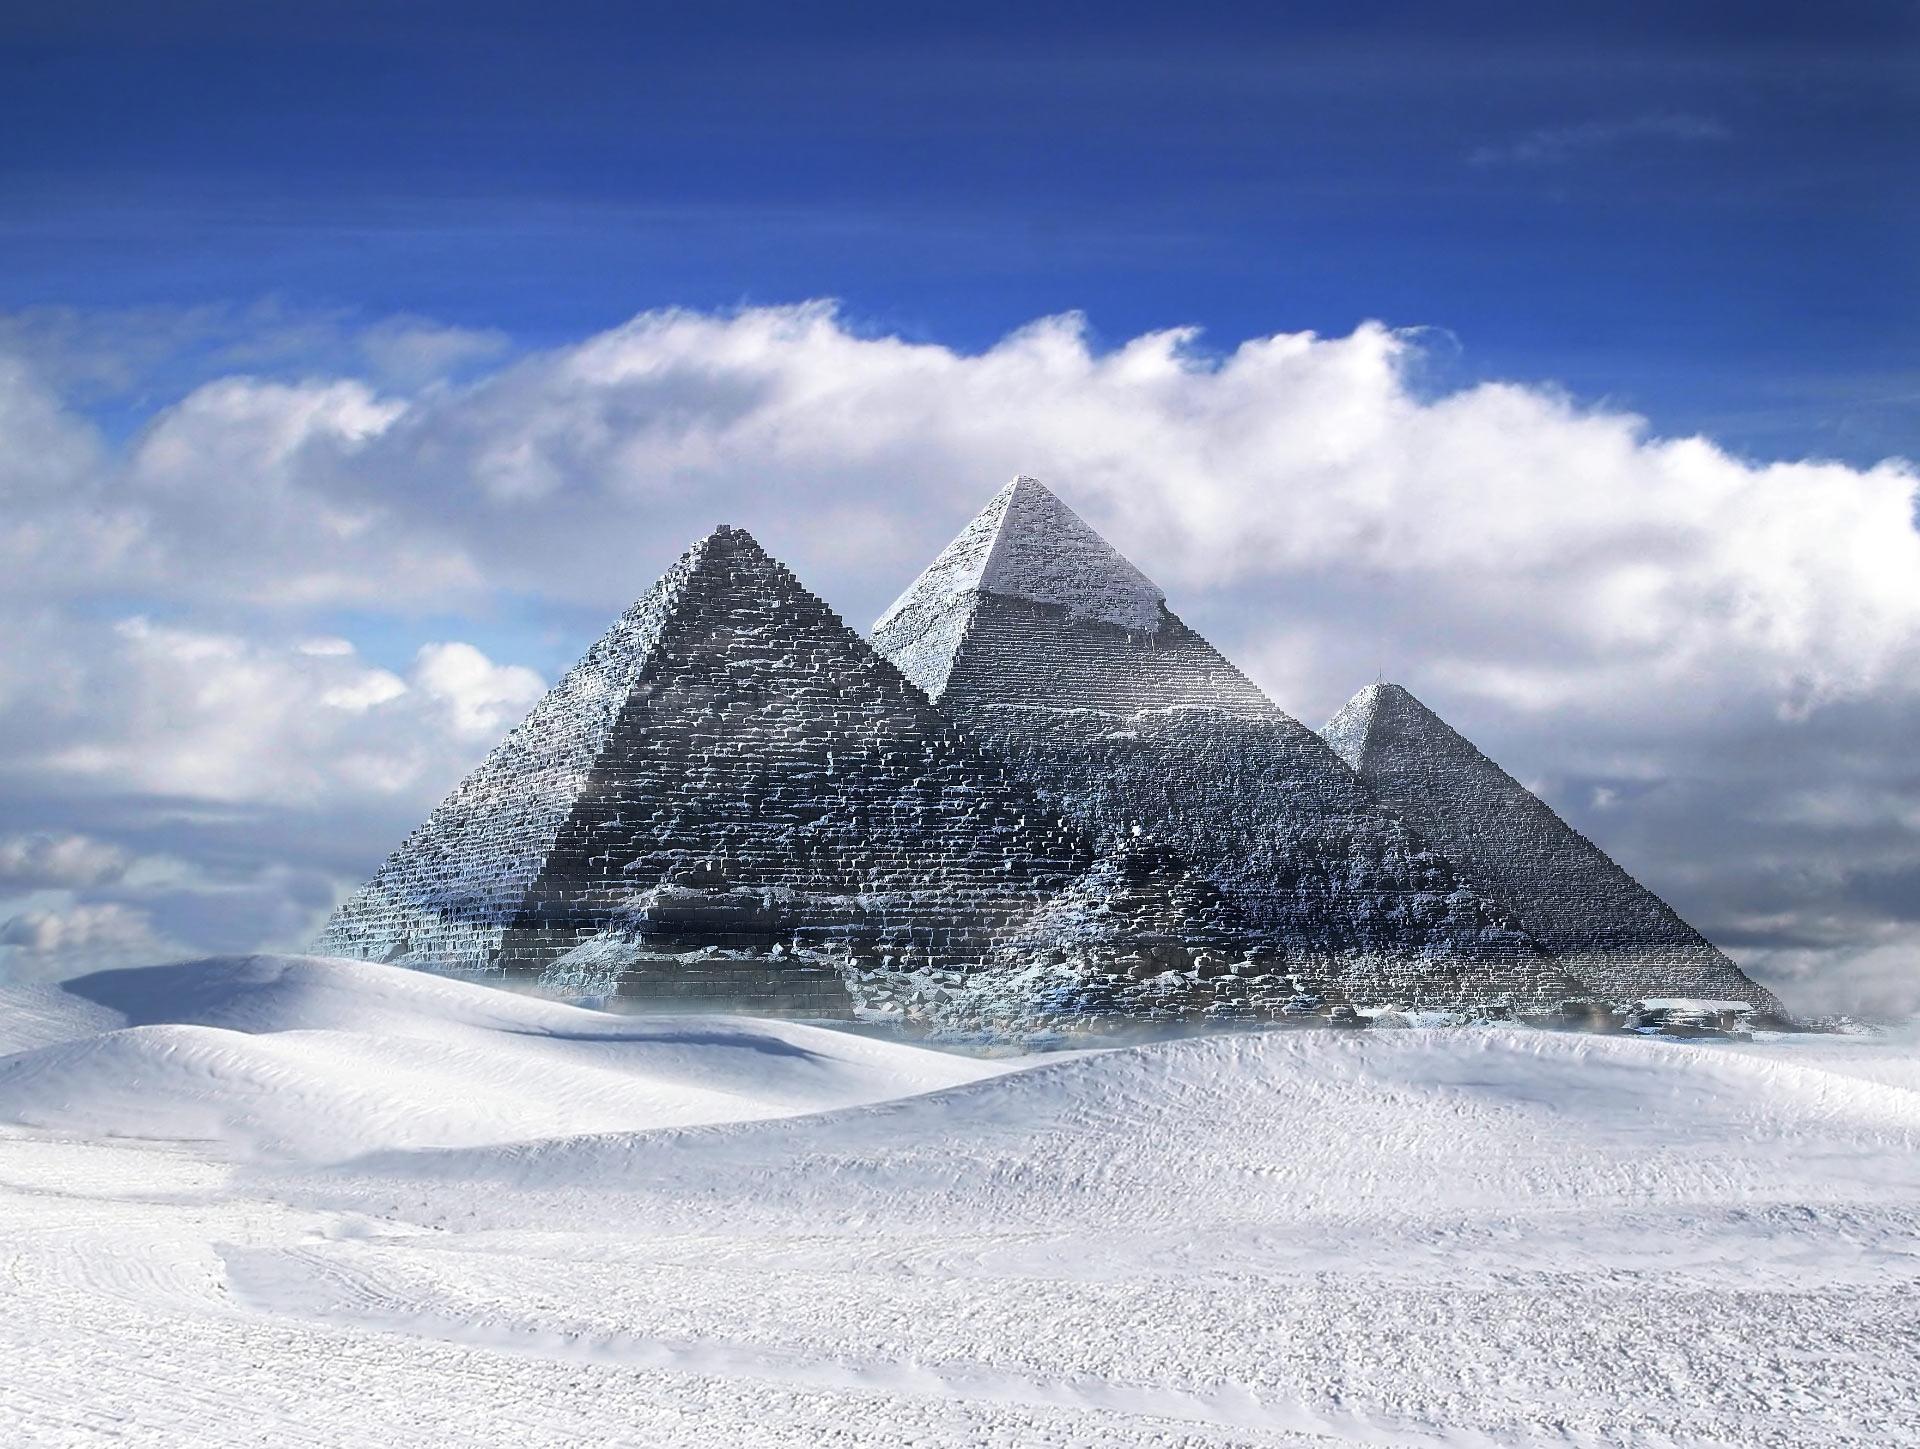 چه مکان هایی از زمین از فضا قابل مشاهده است: هرم بزرگ جیزه